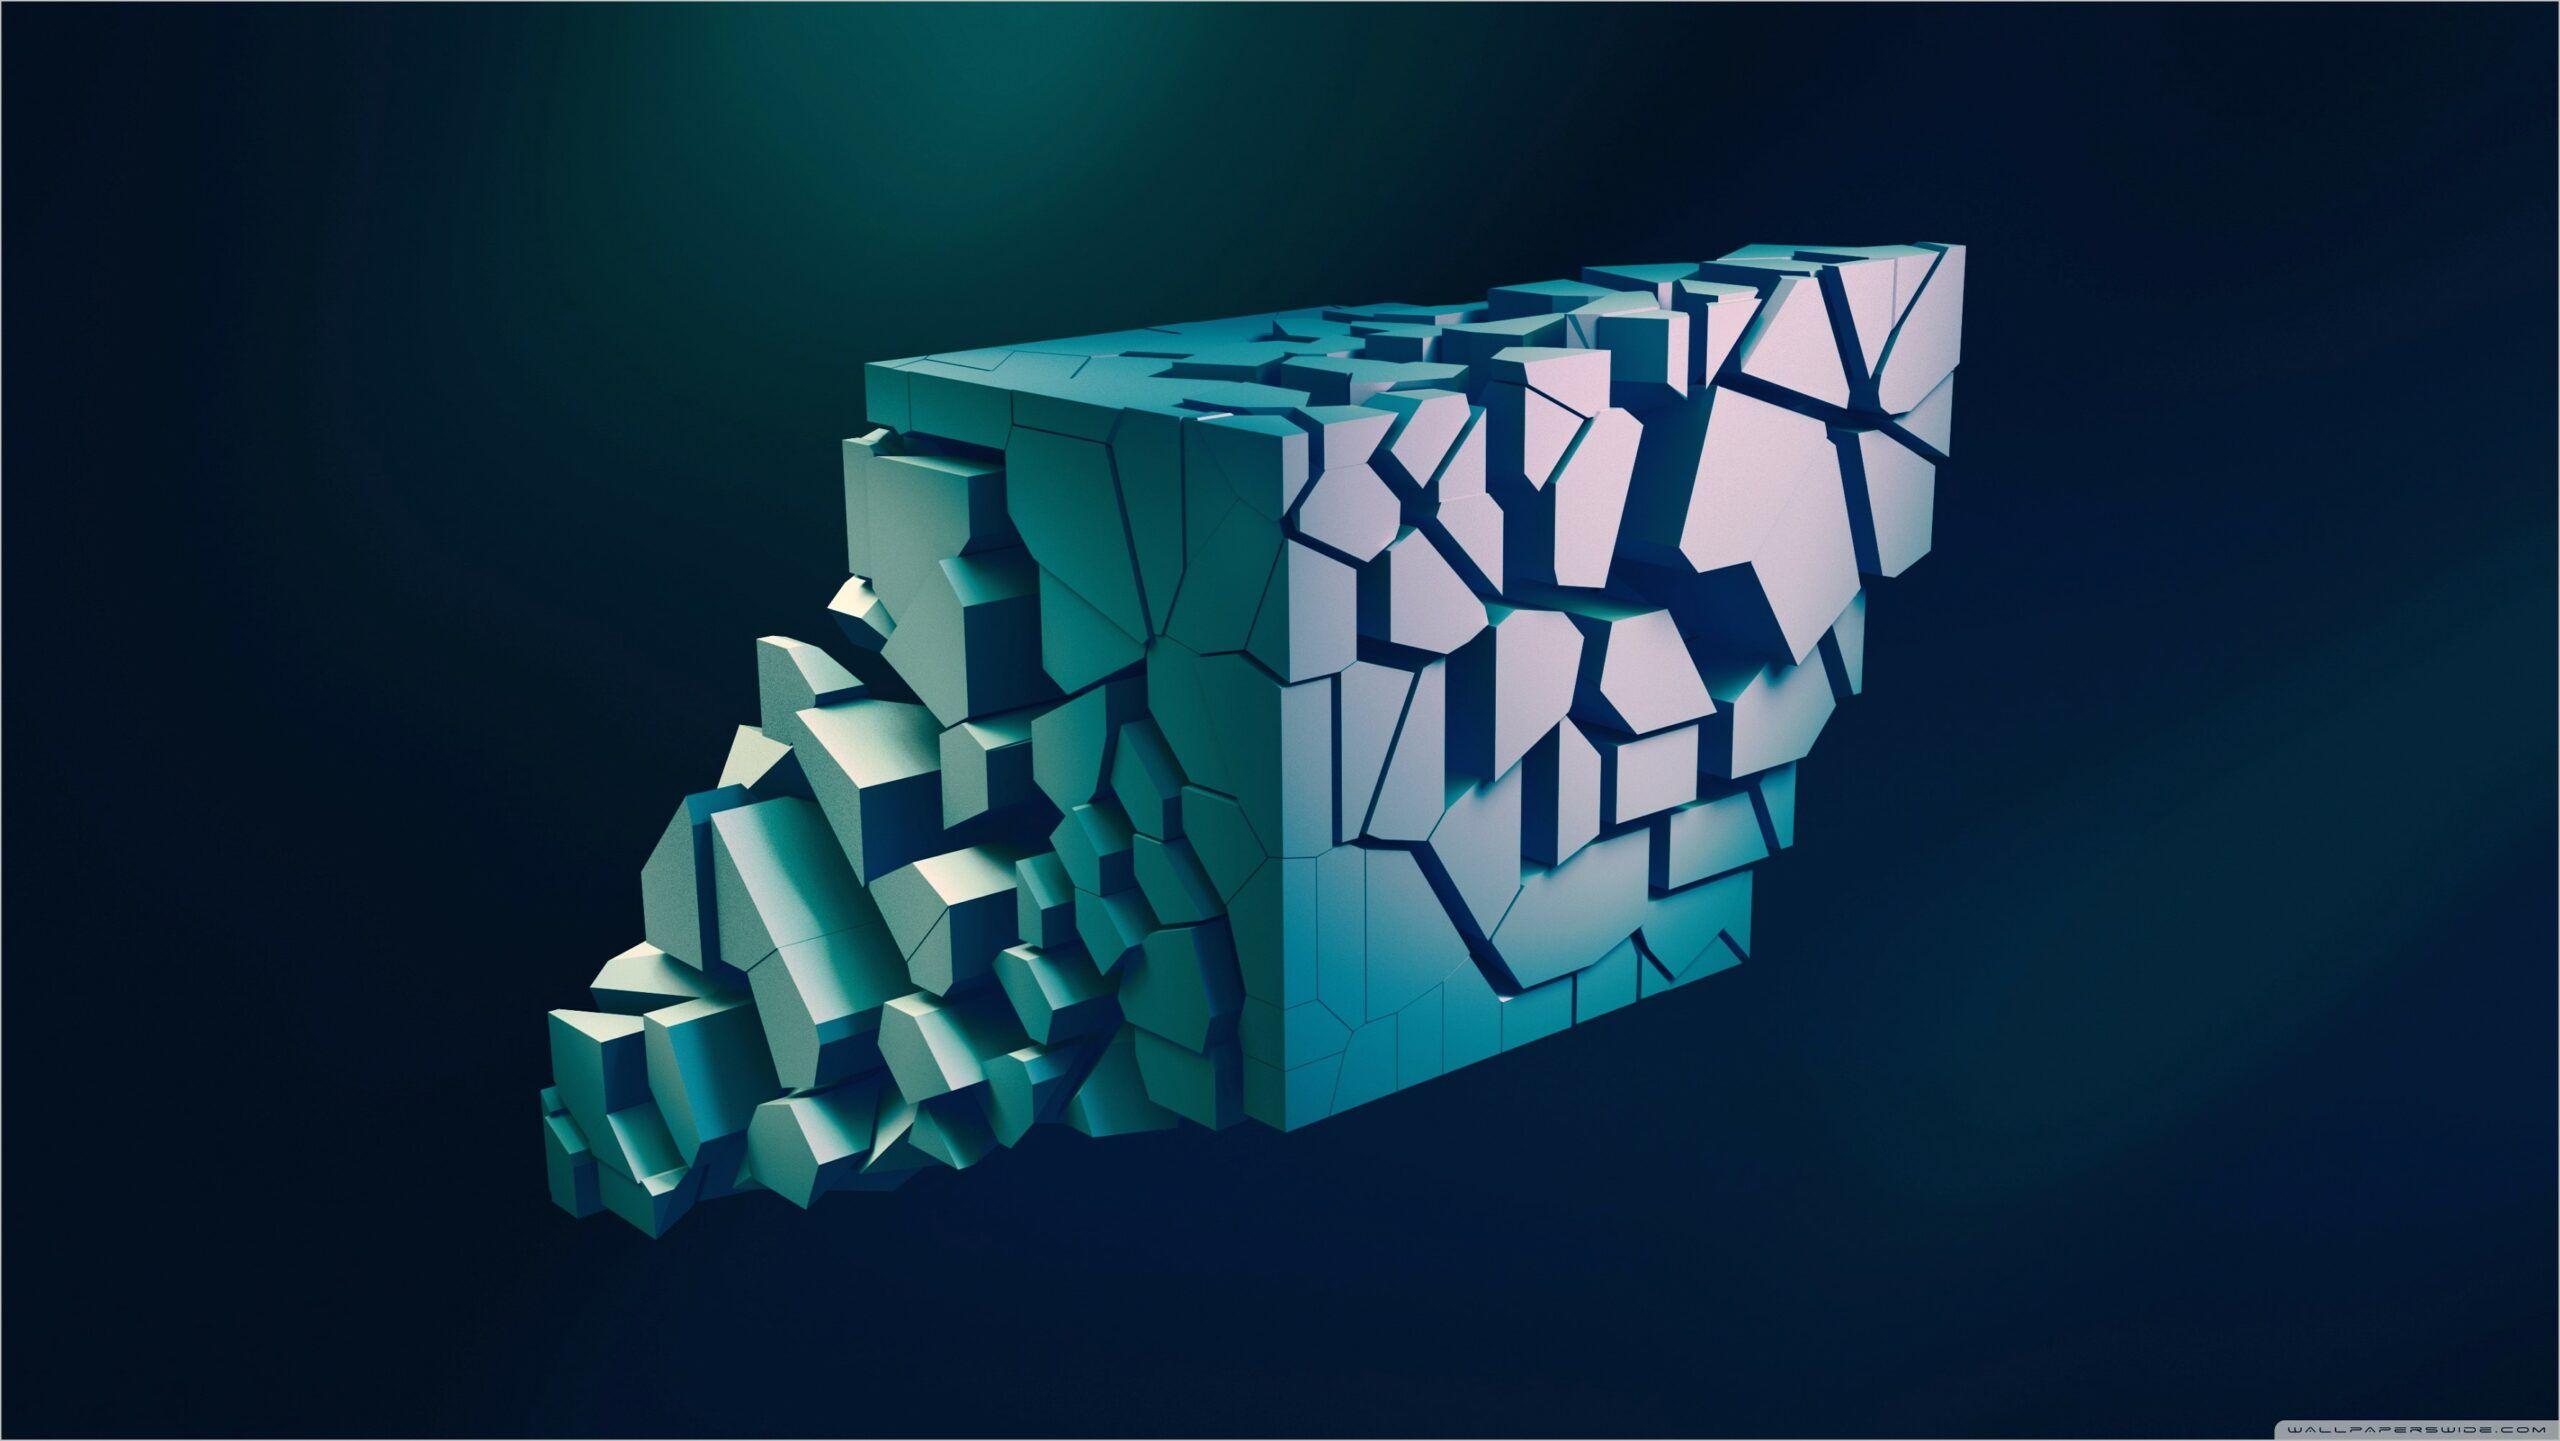 Abstract 3d 4k Wallpaper 3d Cube Wallpaper Wallpaper Gallery Blue Abstract Art